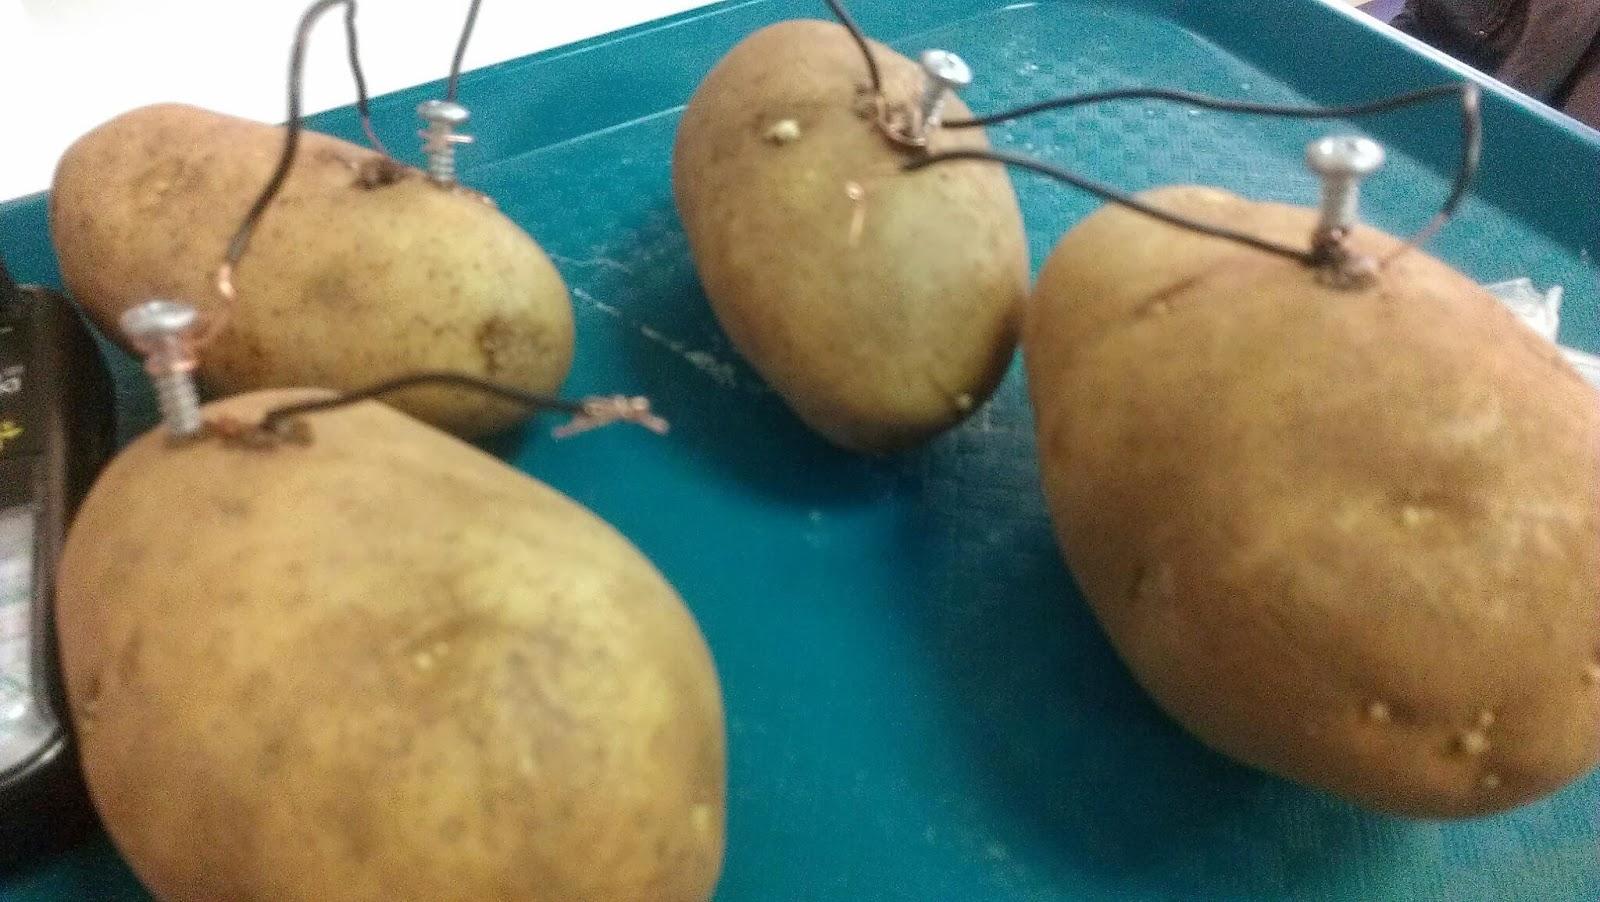 Citrus Fruit Battery Science Projects Lemon Diagram Vegetable